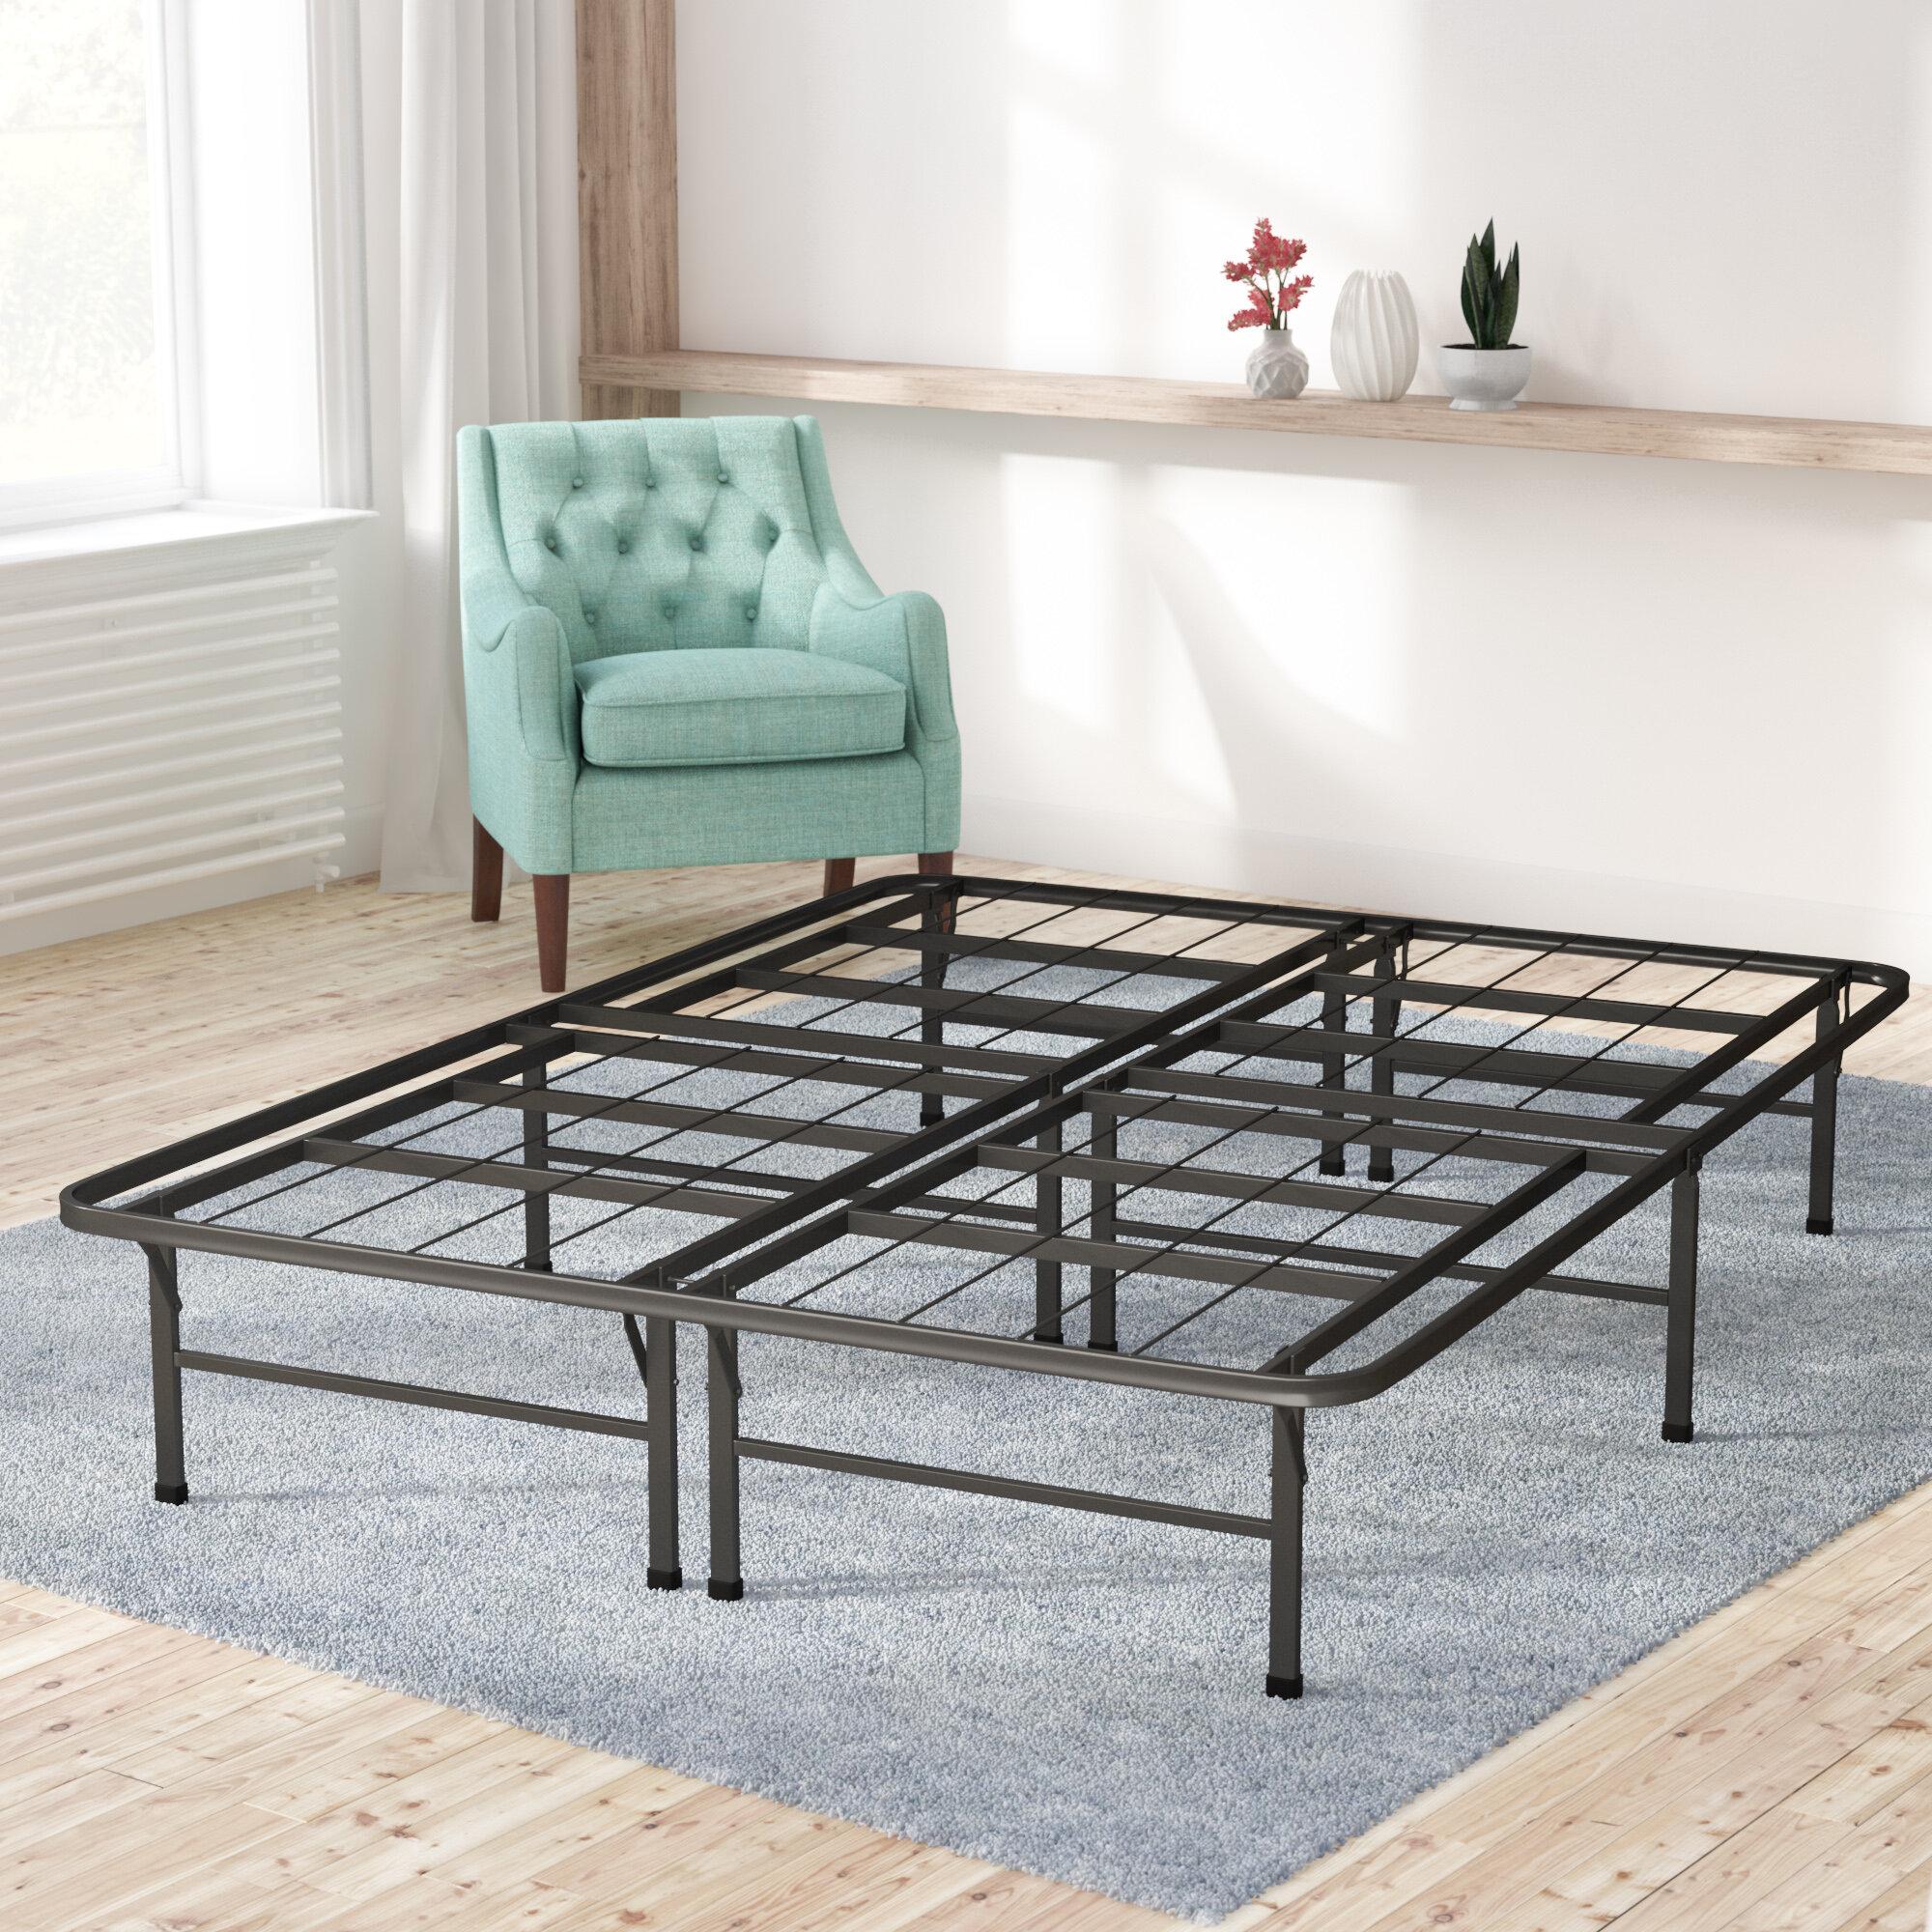 Merveilleux Alwyn Home Box Spring U0026 Bed Frame Foundation U0026 Reviews | Wayfair